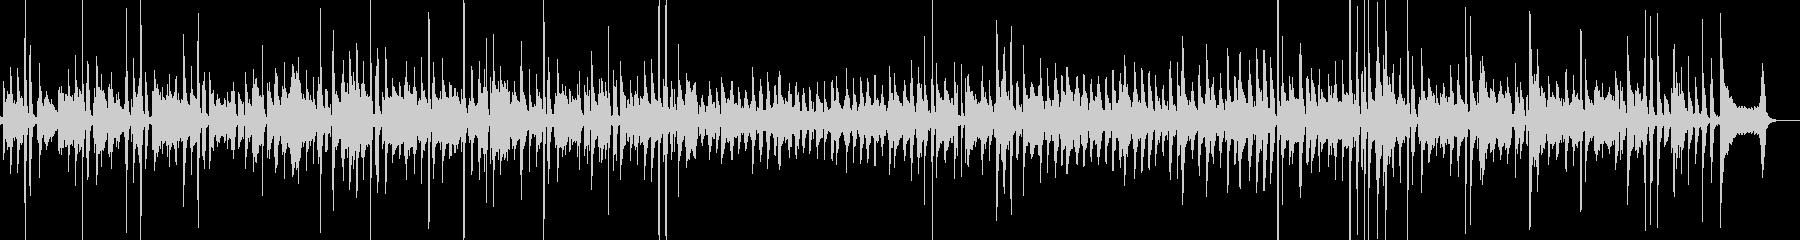 ブルースっぽいアコギサウンドの未再生の波形